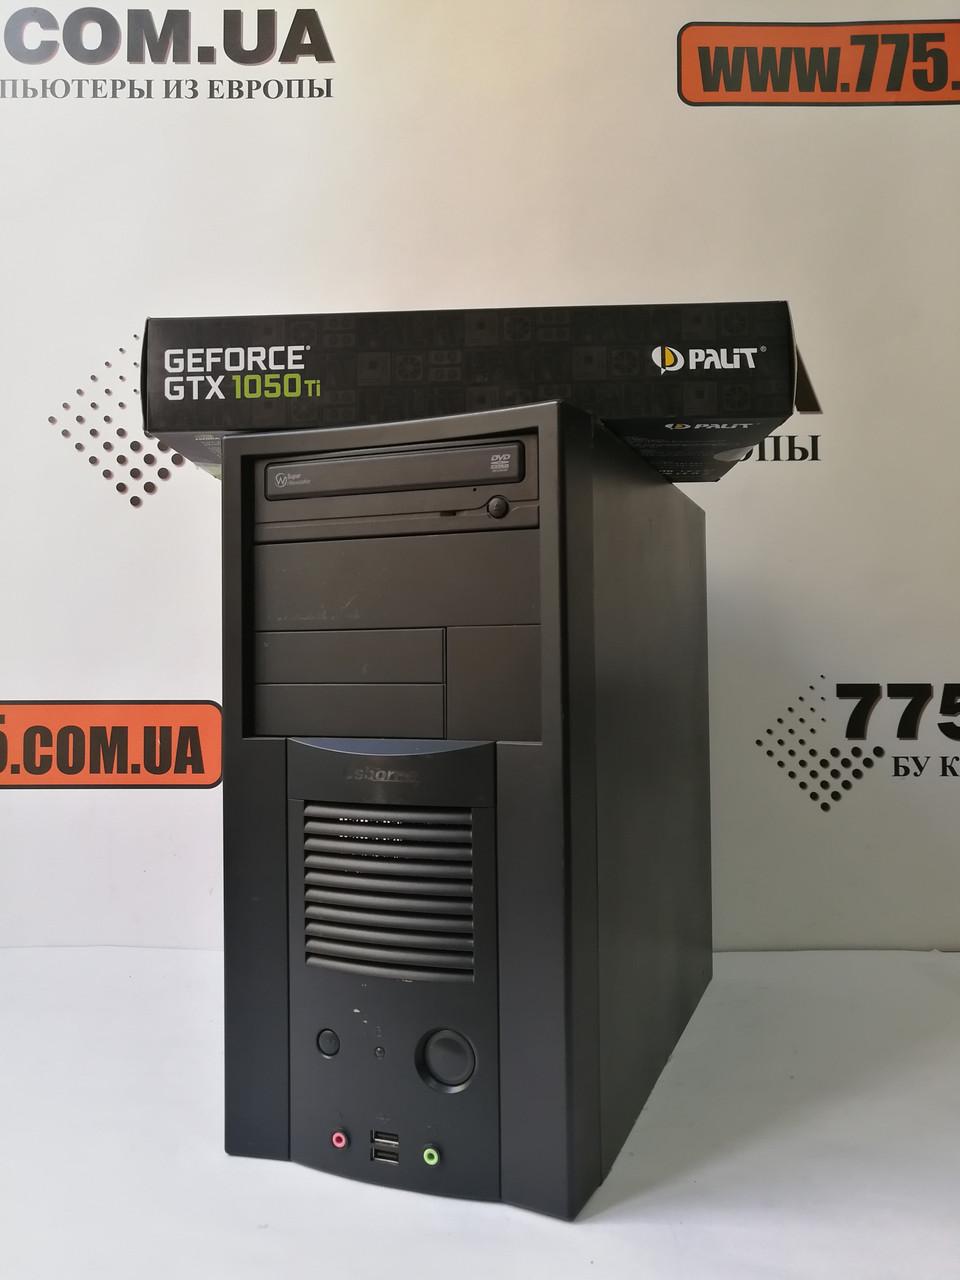 Игровой компьютер ATX Intel Core i7 3.8GHz, RAM 12ГБ, HDD 500ГБ, GeForce GTX 1050 Ti 4GB(новая), хит продаж!